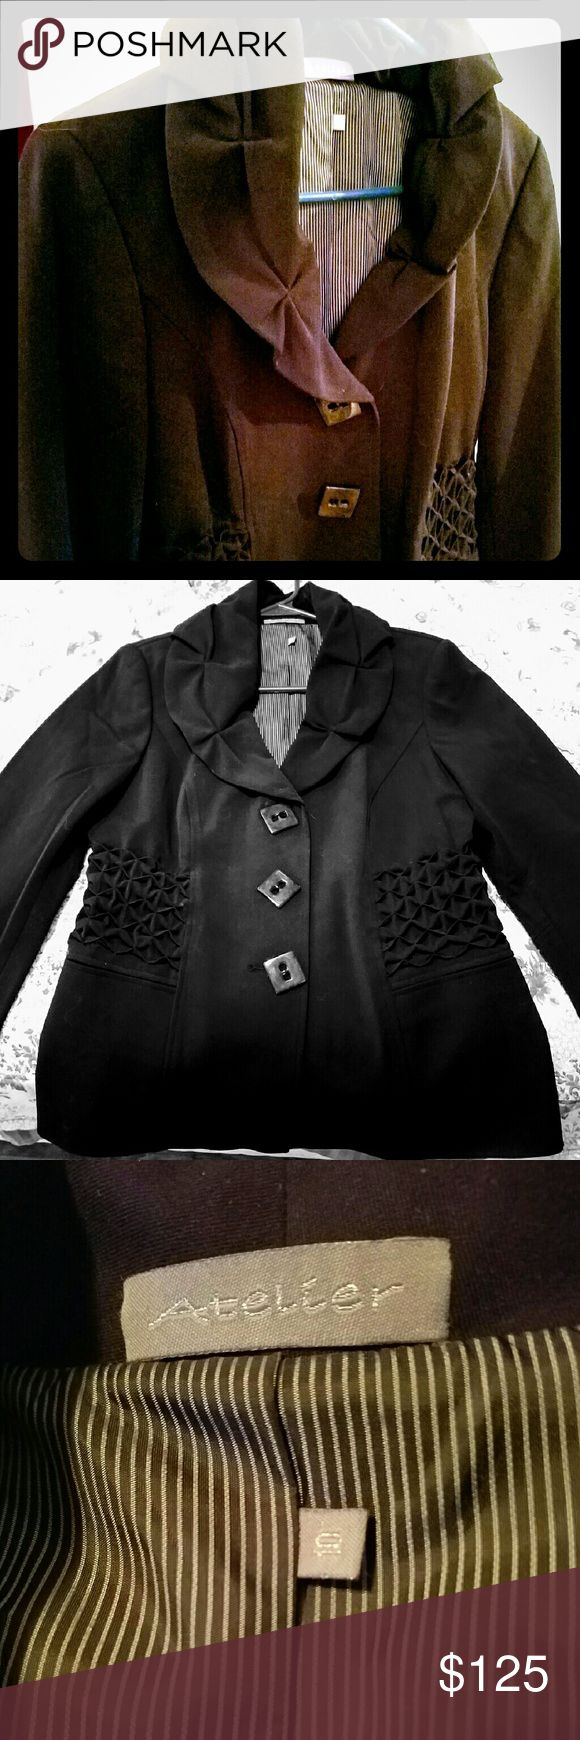 Atelier Womens Suit Coat All black, never worn suit coat. Jackets & Coats Blazers